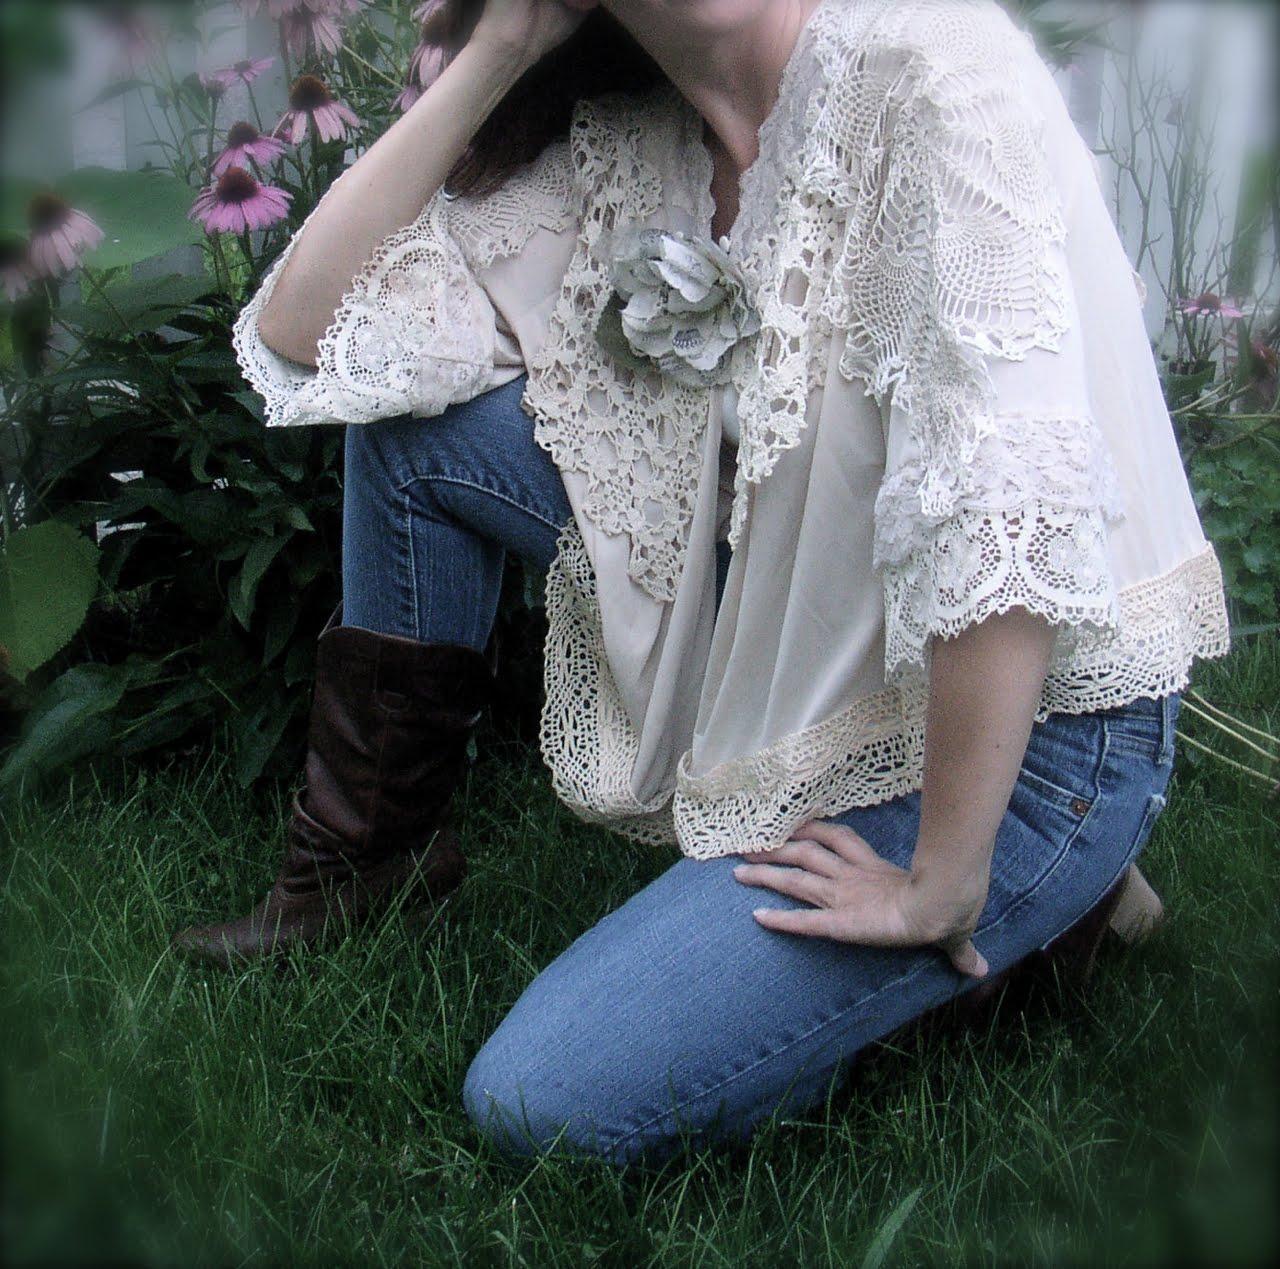 http://3.bp.blogspot.com/_xRO2YHYay6Y/SoTEZCQ4XdI/AAAAAAAAAVM/j2GkFfe0moU/s1600/after3.jpg